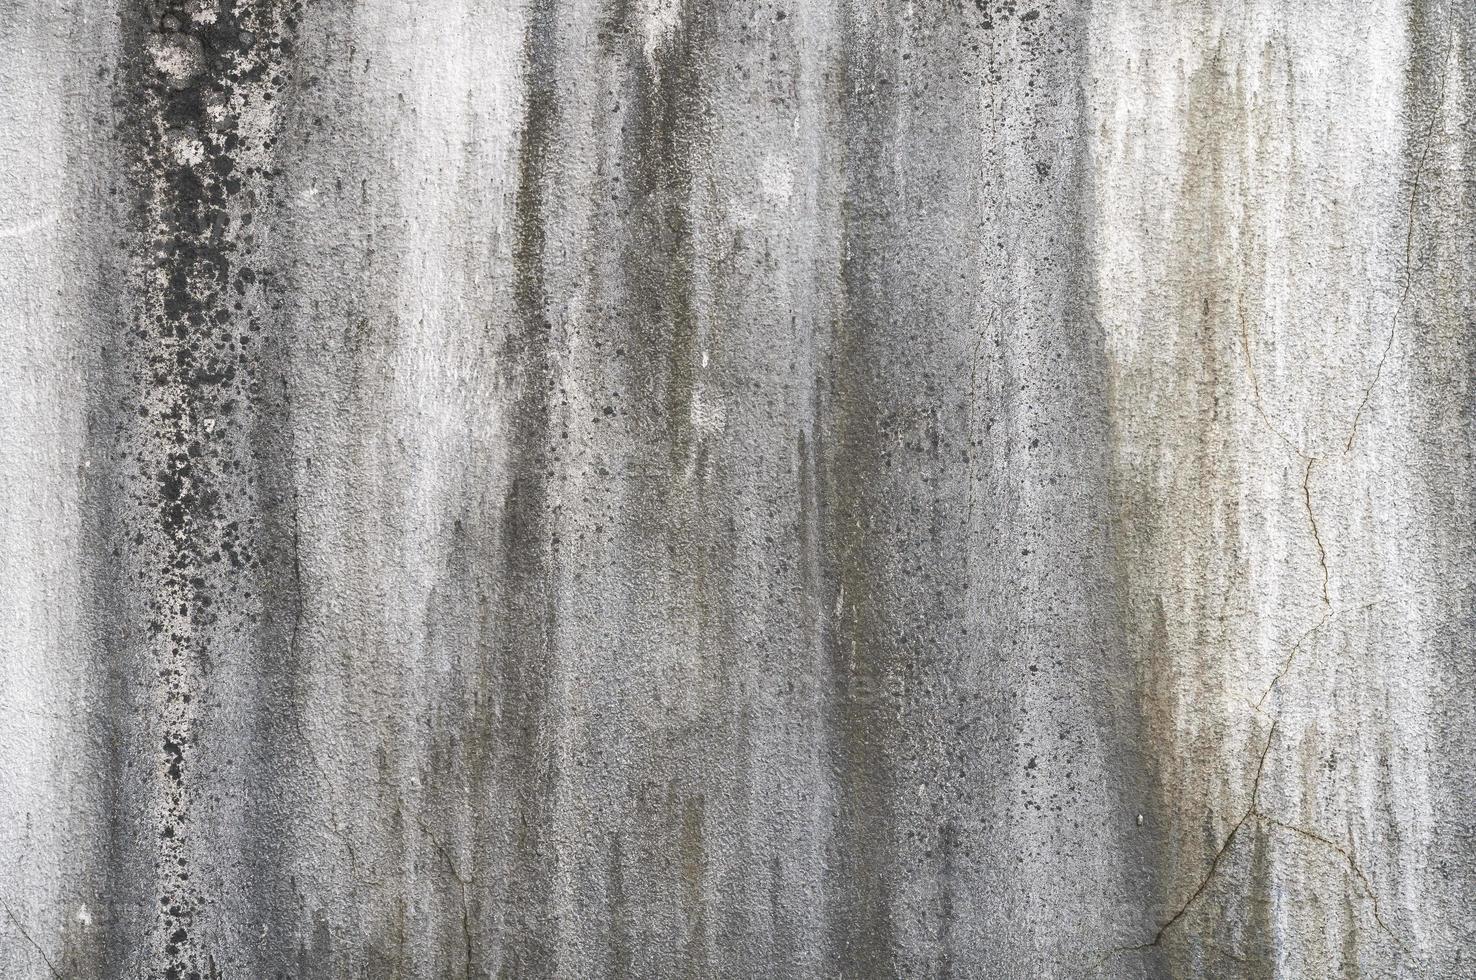 textura de la pared sucia d foto